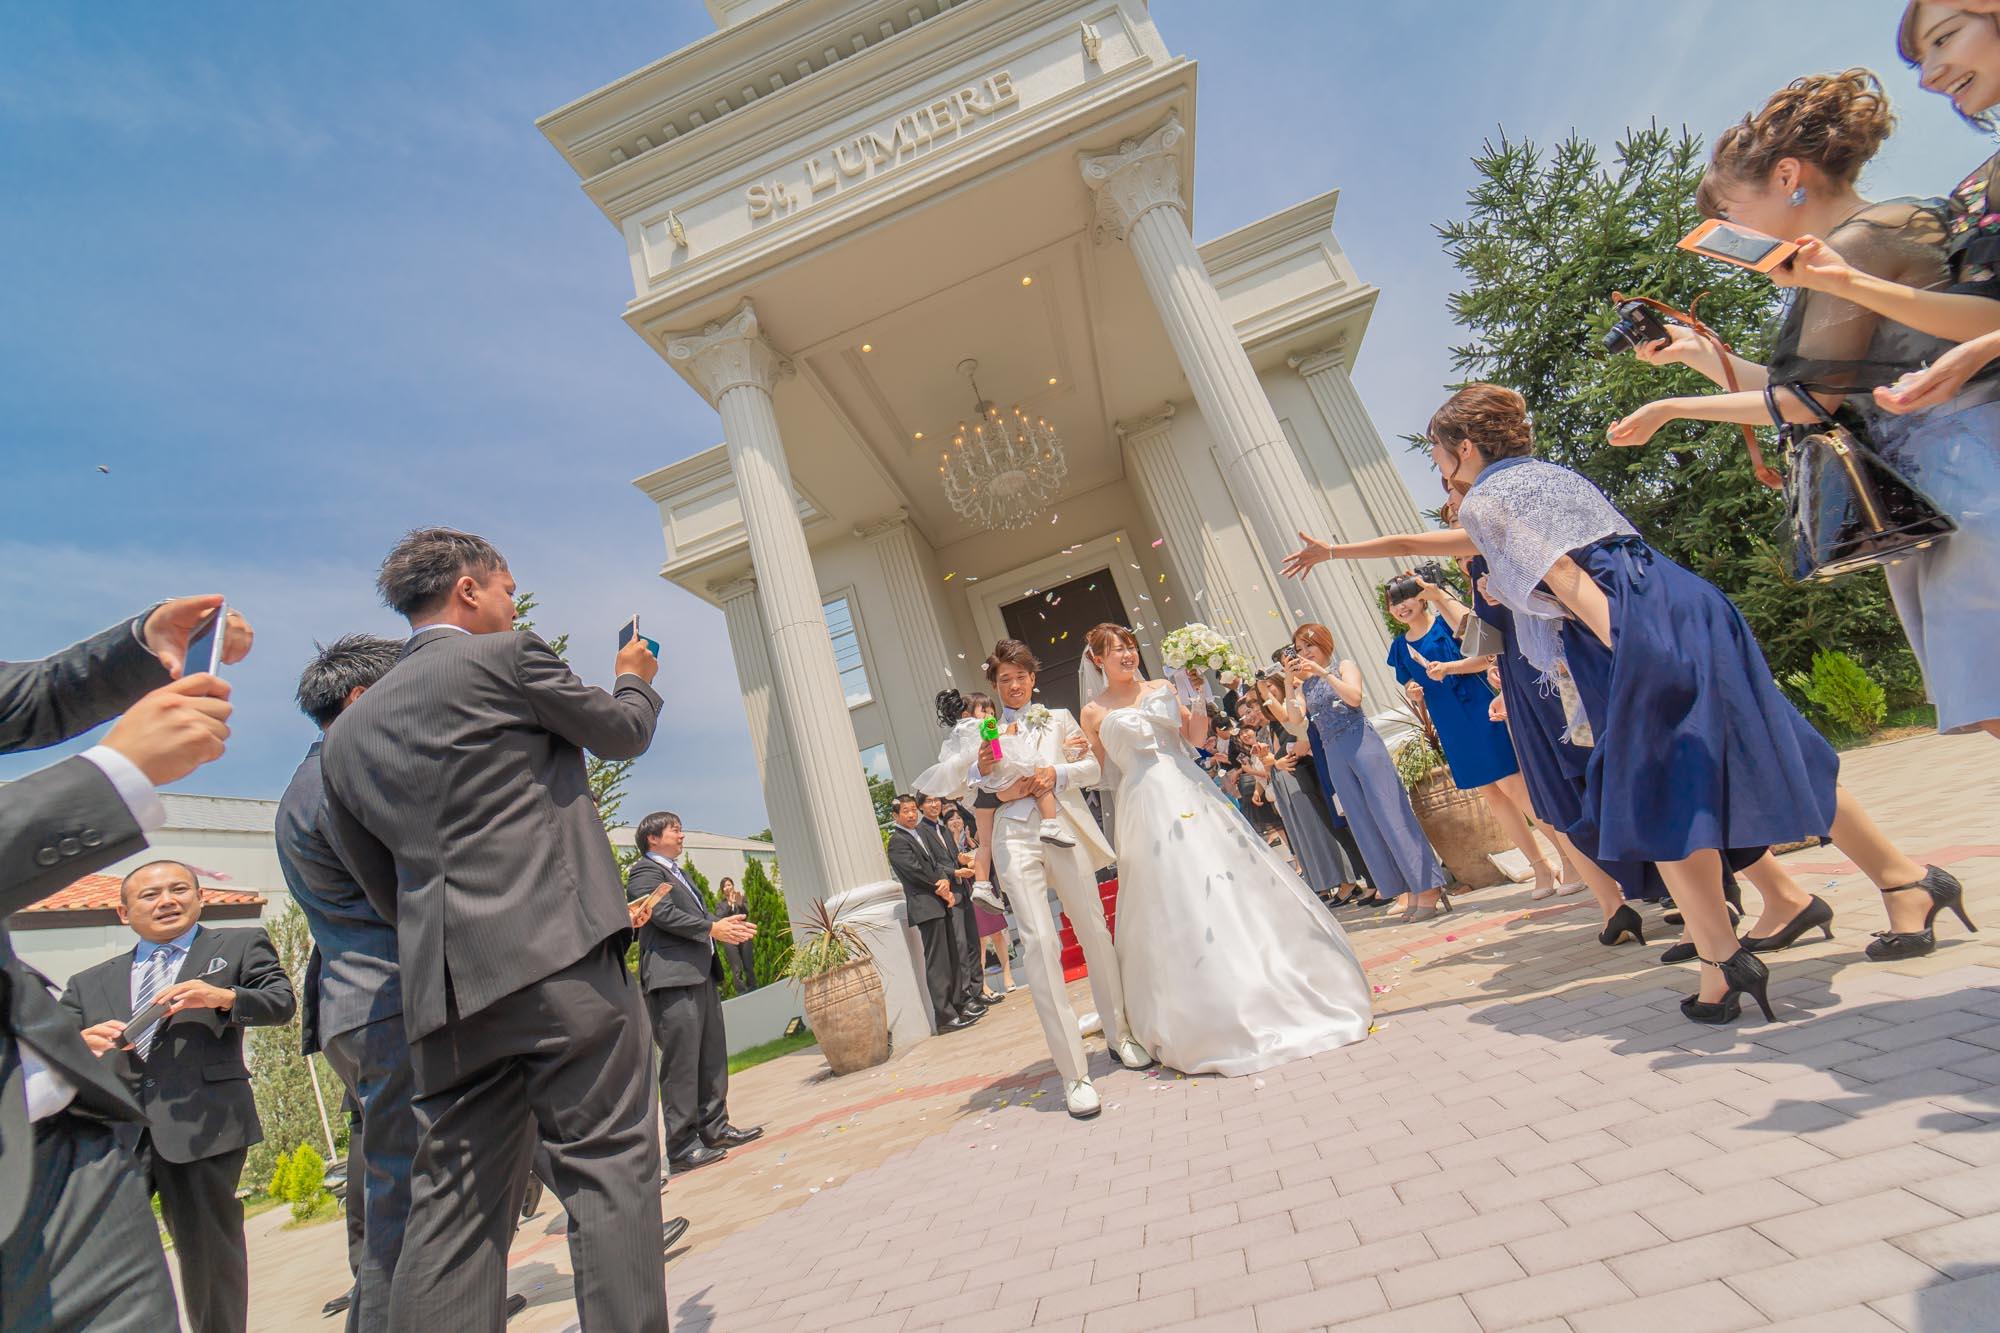 ヒマワリが咲く頃に(セントルミエールで結婚式撮影)